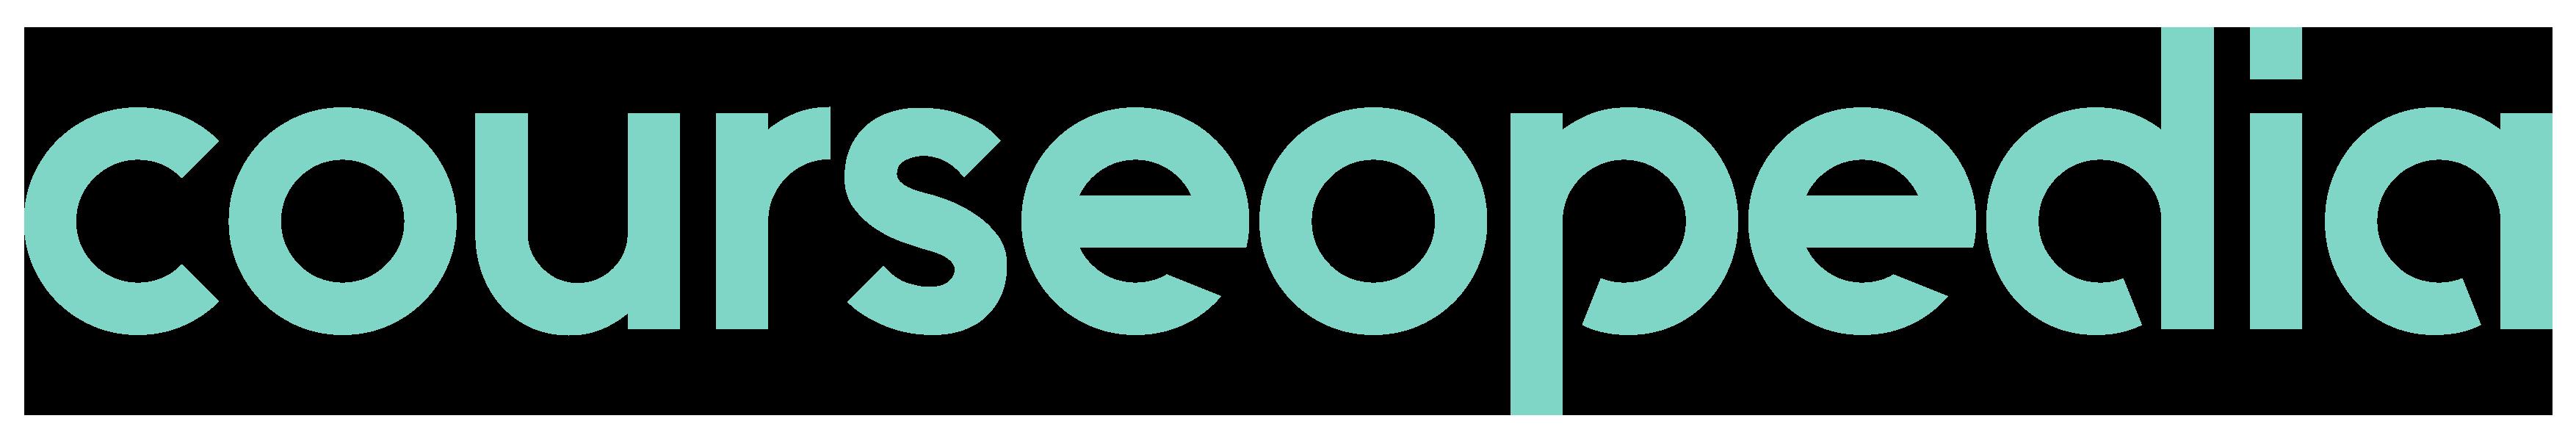 Coursepedia Logo